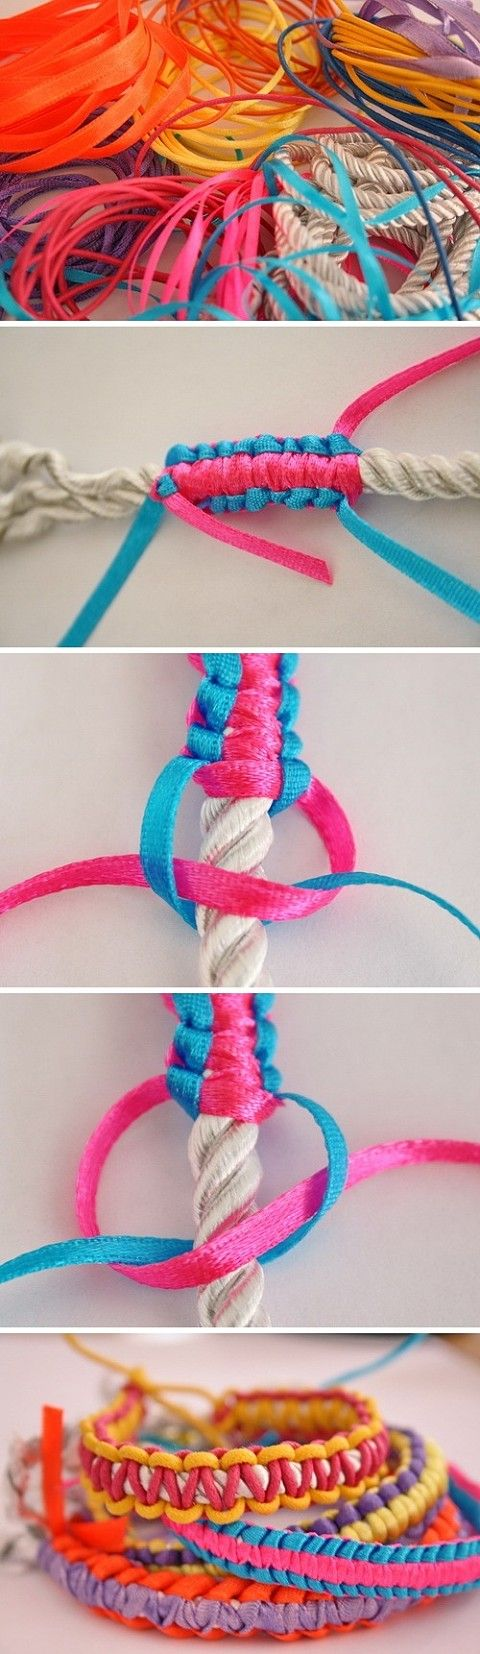 bracelet style